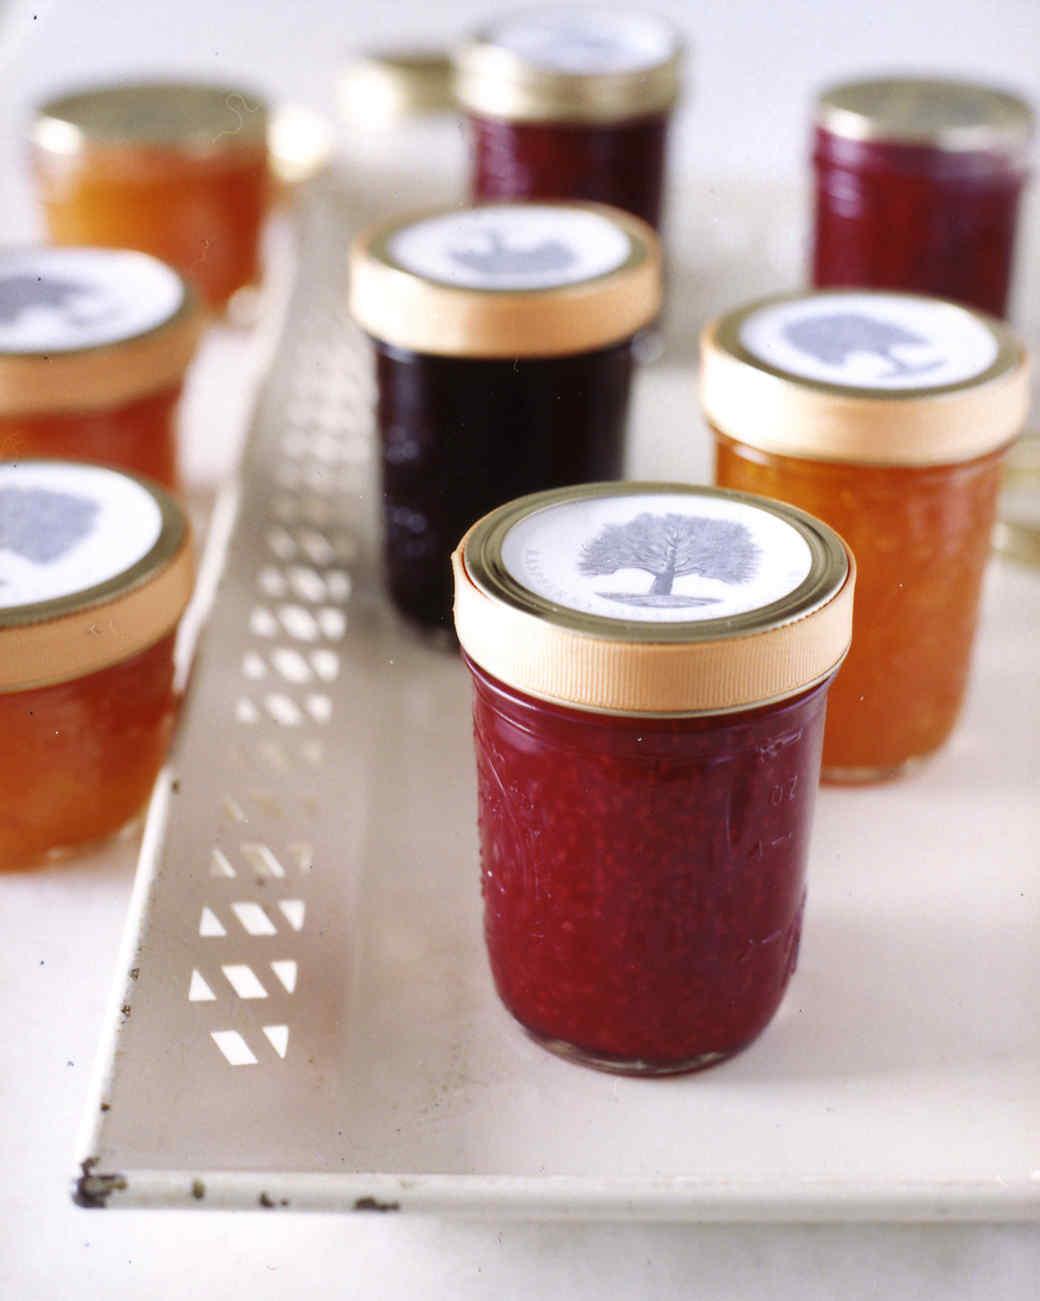 jam-jars-martha-cooking-school-la102196jam02.jpg